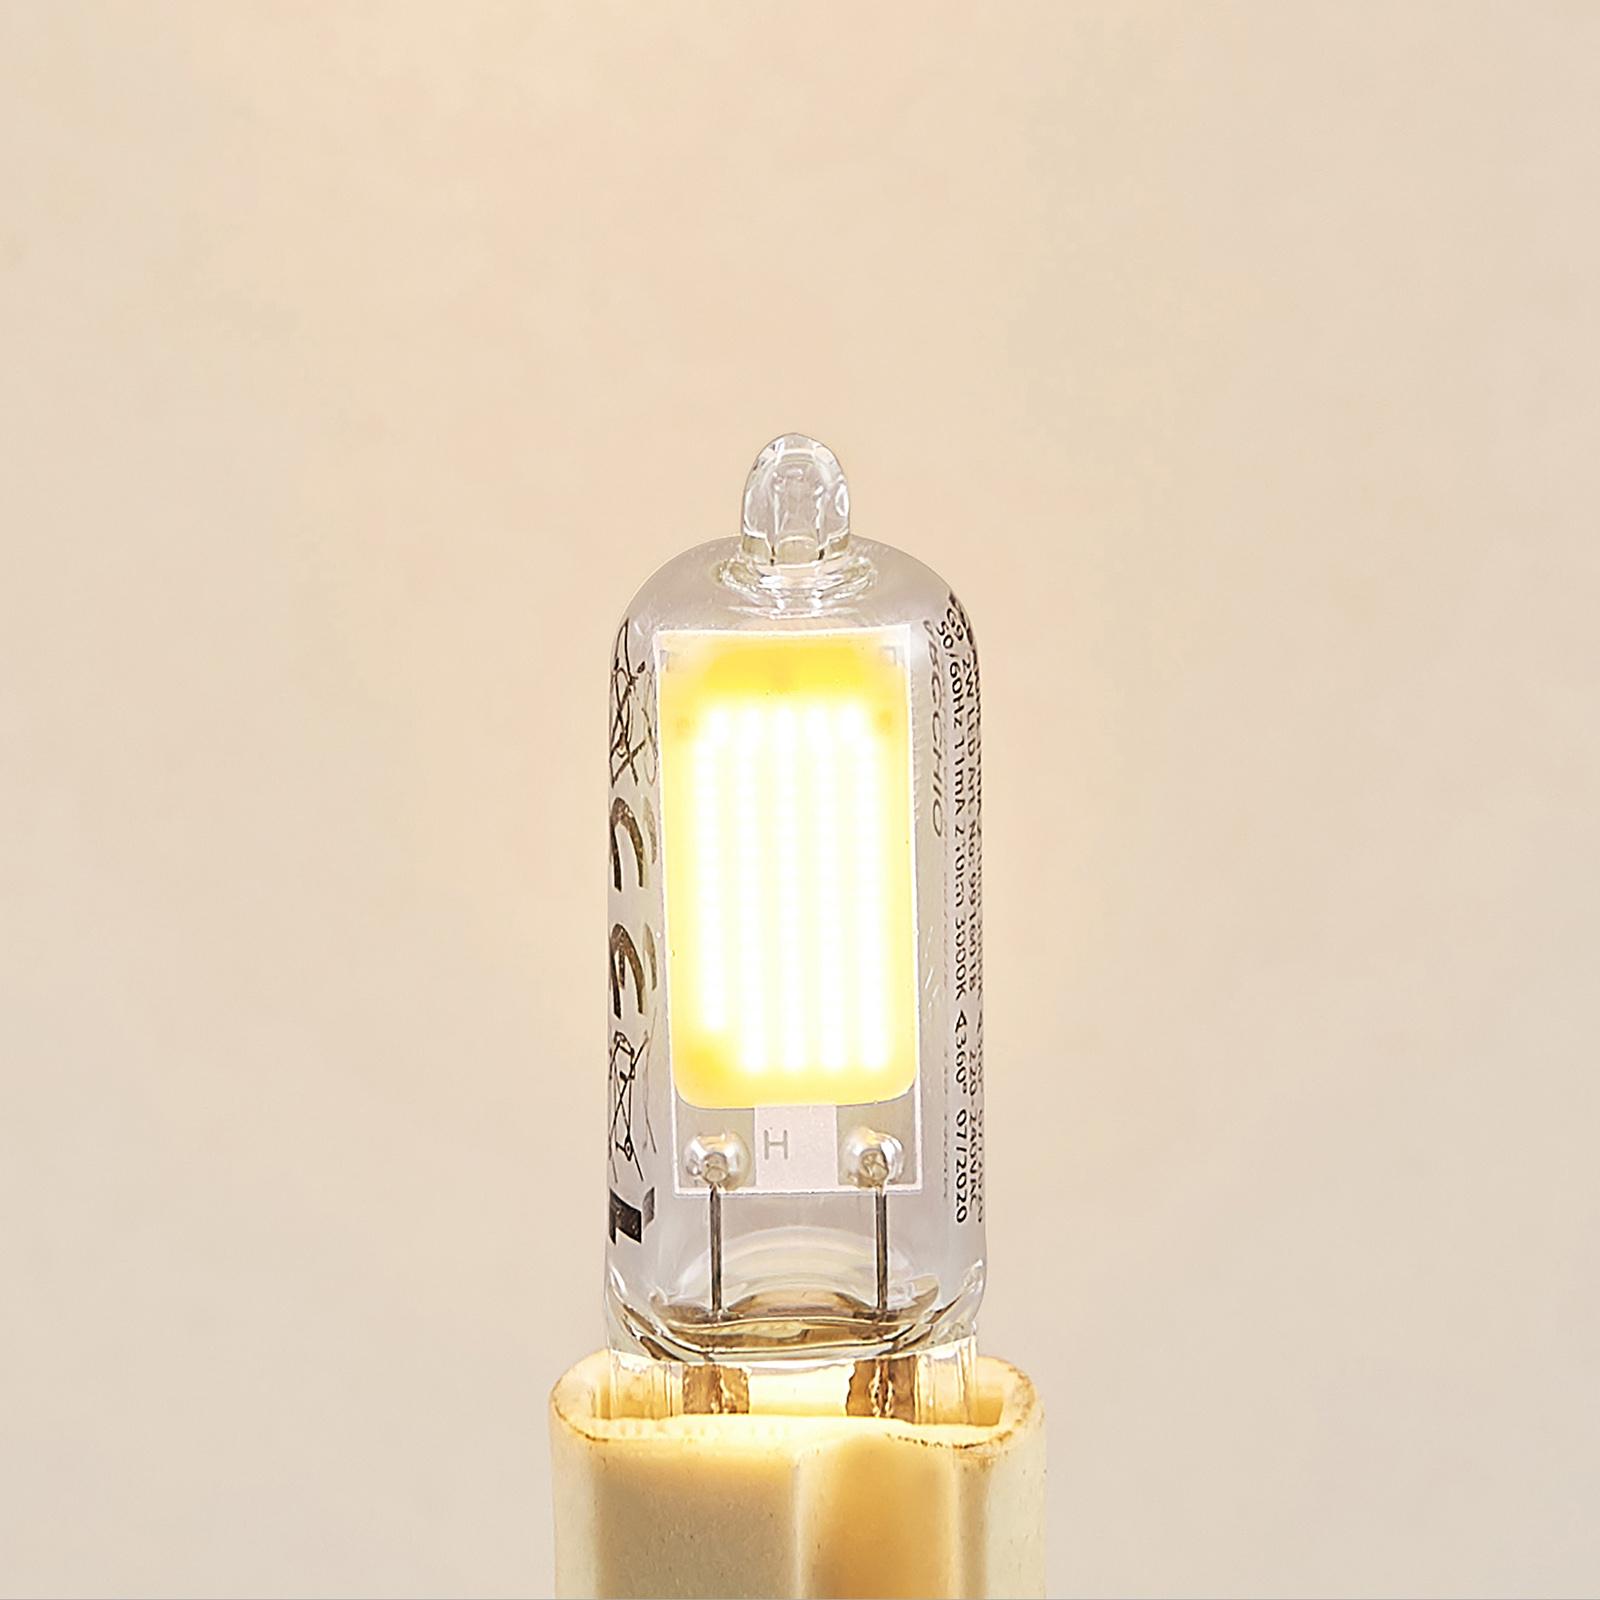 Arcchio ampoule à broche LED G9 2W 3000K